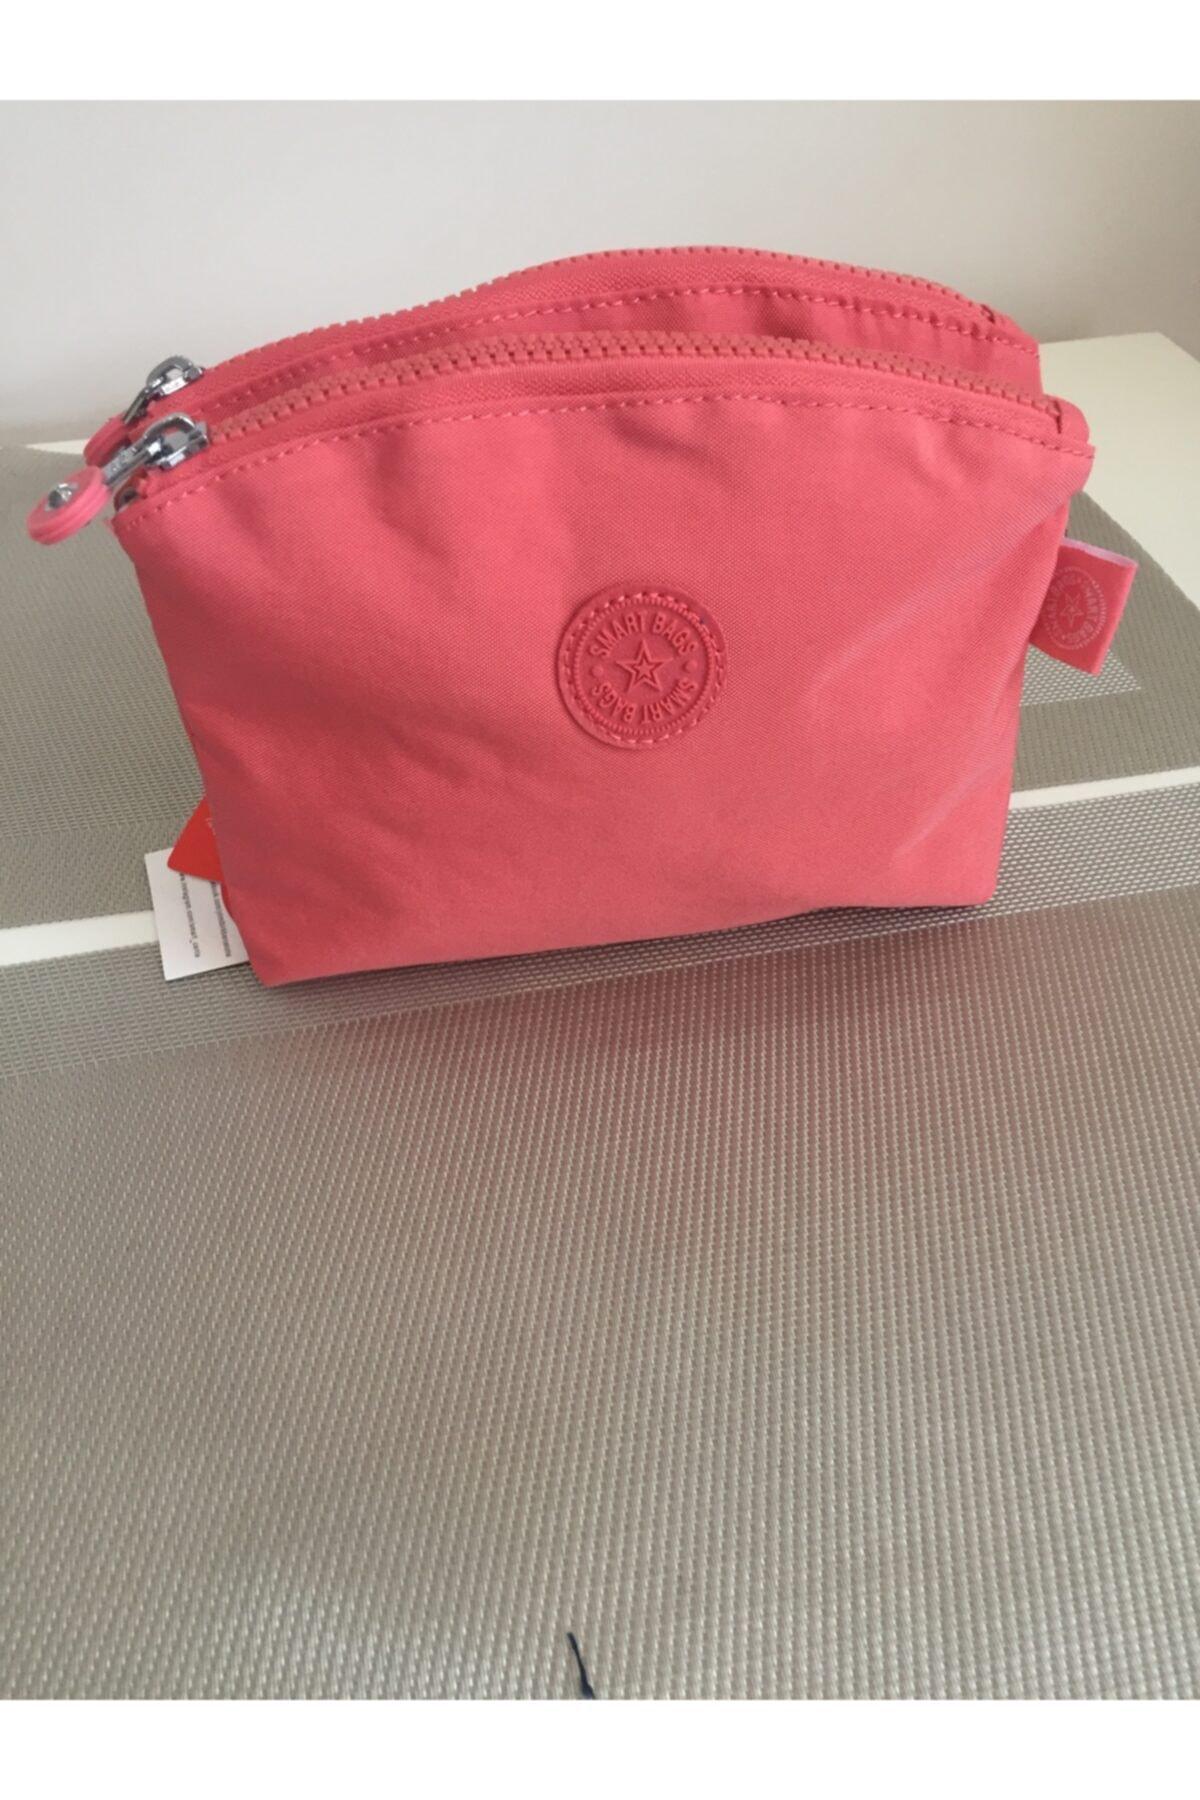 SMART BAGS Kadın El Çantası 1